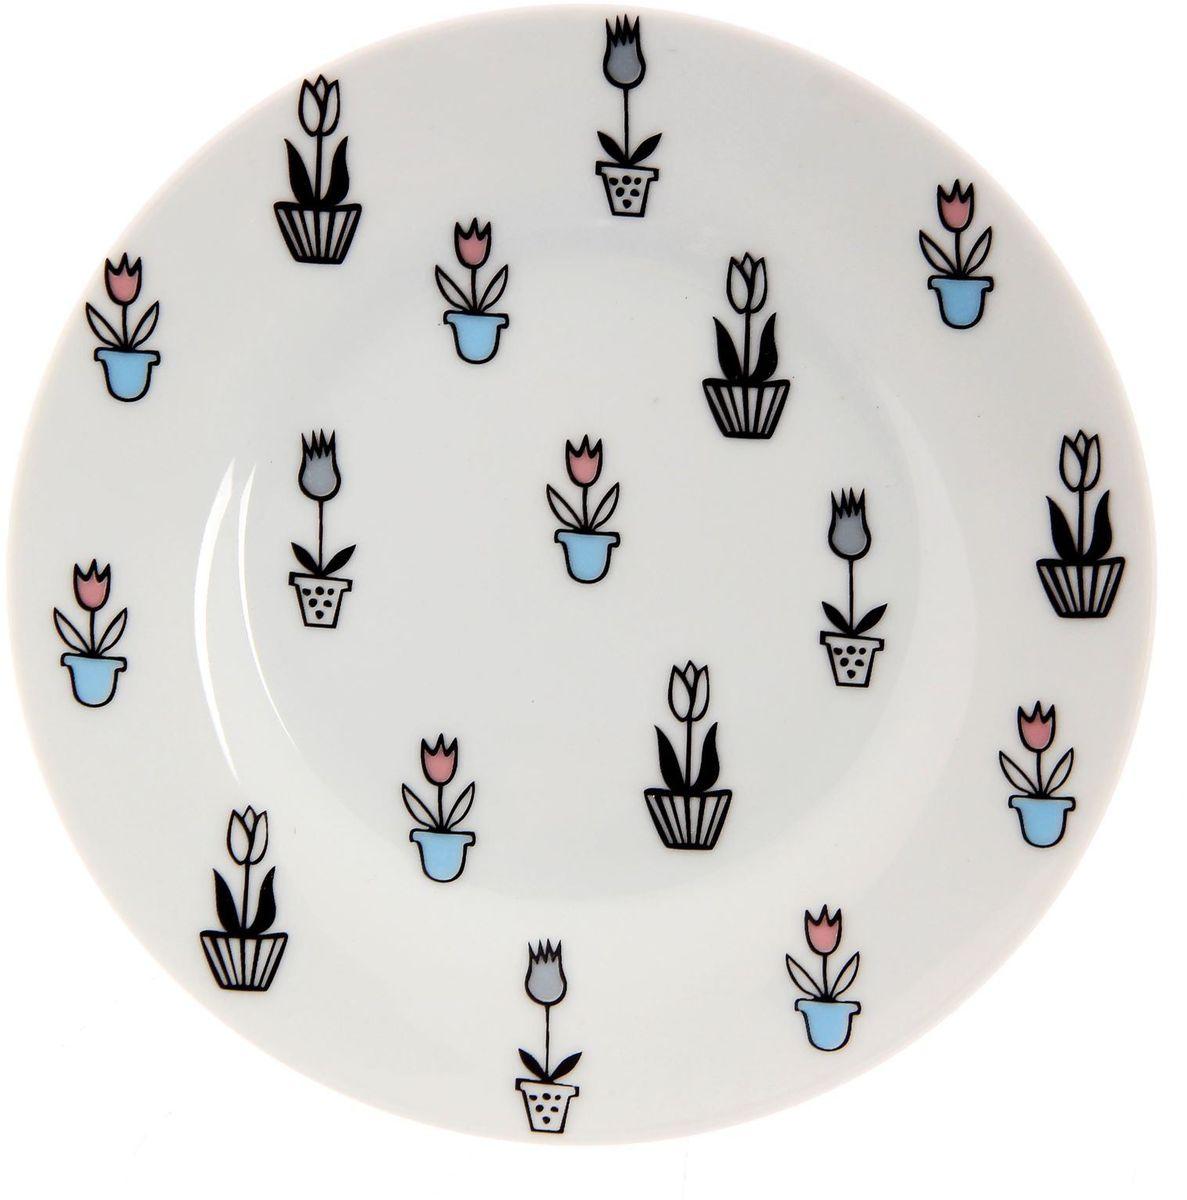 Тарелка мелкая Сотвори чудо Тюльпаны, диаметр 15,5 см2277863Хотите обновить интерьер кухни или гостиной? Устраиваете необычную фотосессию или тематический праздник? А может, просто ищете подарок для близкого человека? Посуда Сотвори Чудо — правильный выбор в любой ситуации. Тарелка Сотвори Чудо, изготовленная из изящного фаянса нежного сливочного цвета, оформлена оригинальным рисунком со стойкой краской. Пригодна для посудомоечной машины.